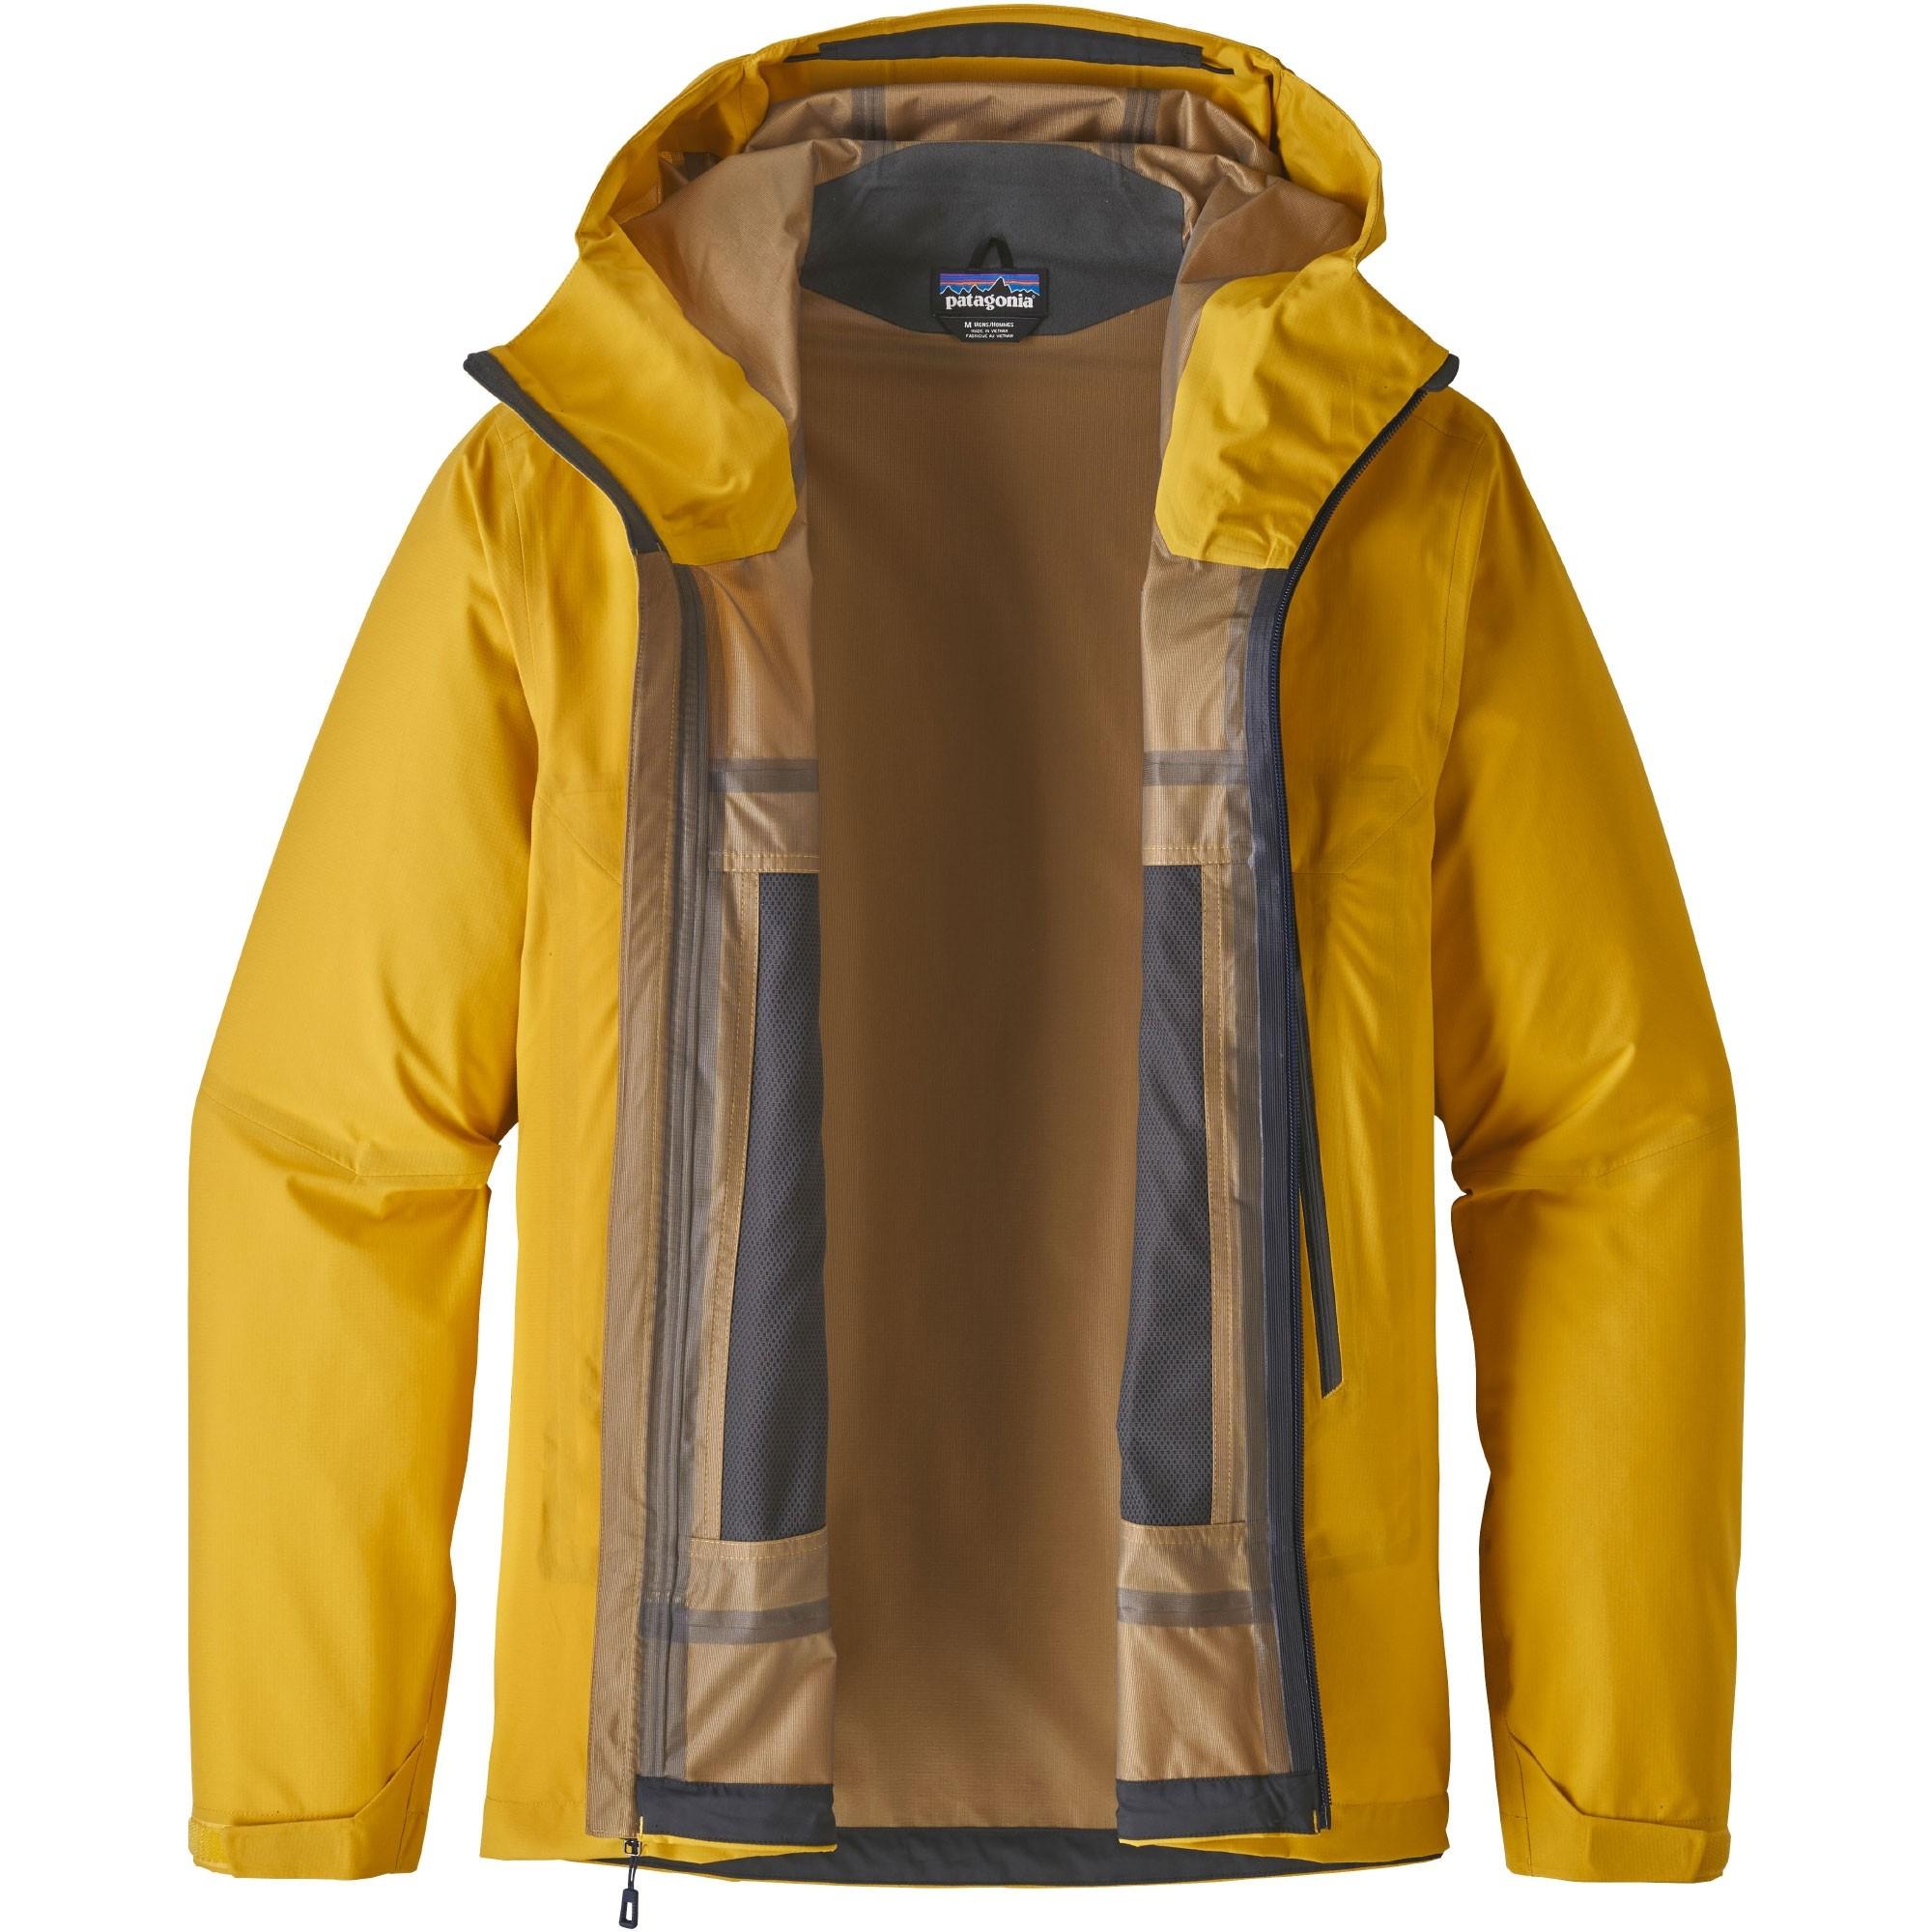 Patagonia Cloud Ridge Waterproof Jacket Rugby Yellow Open